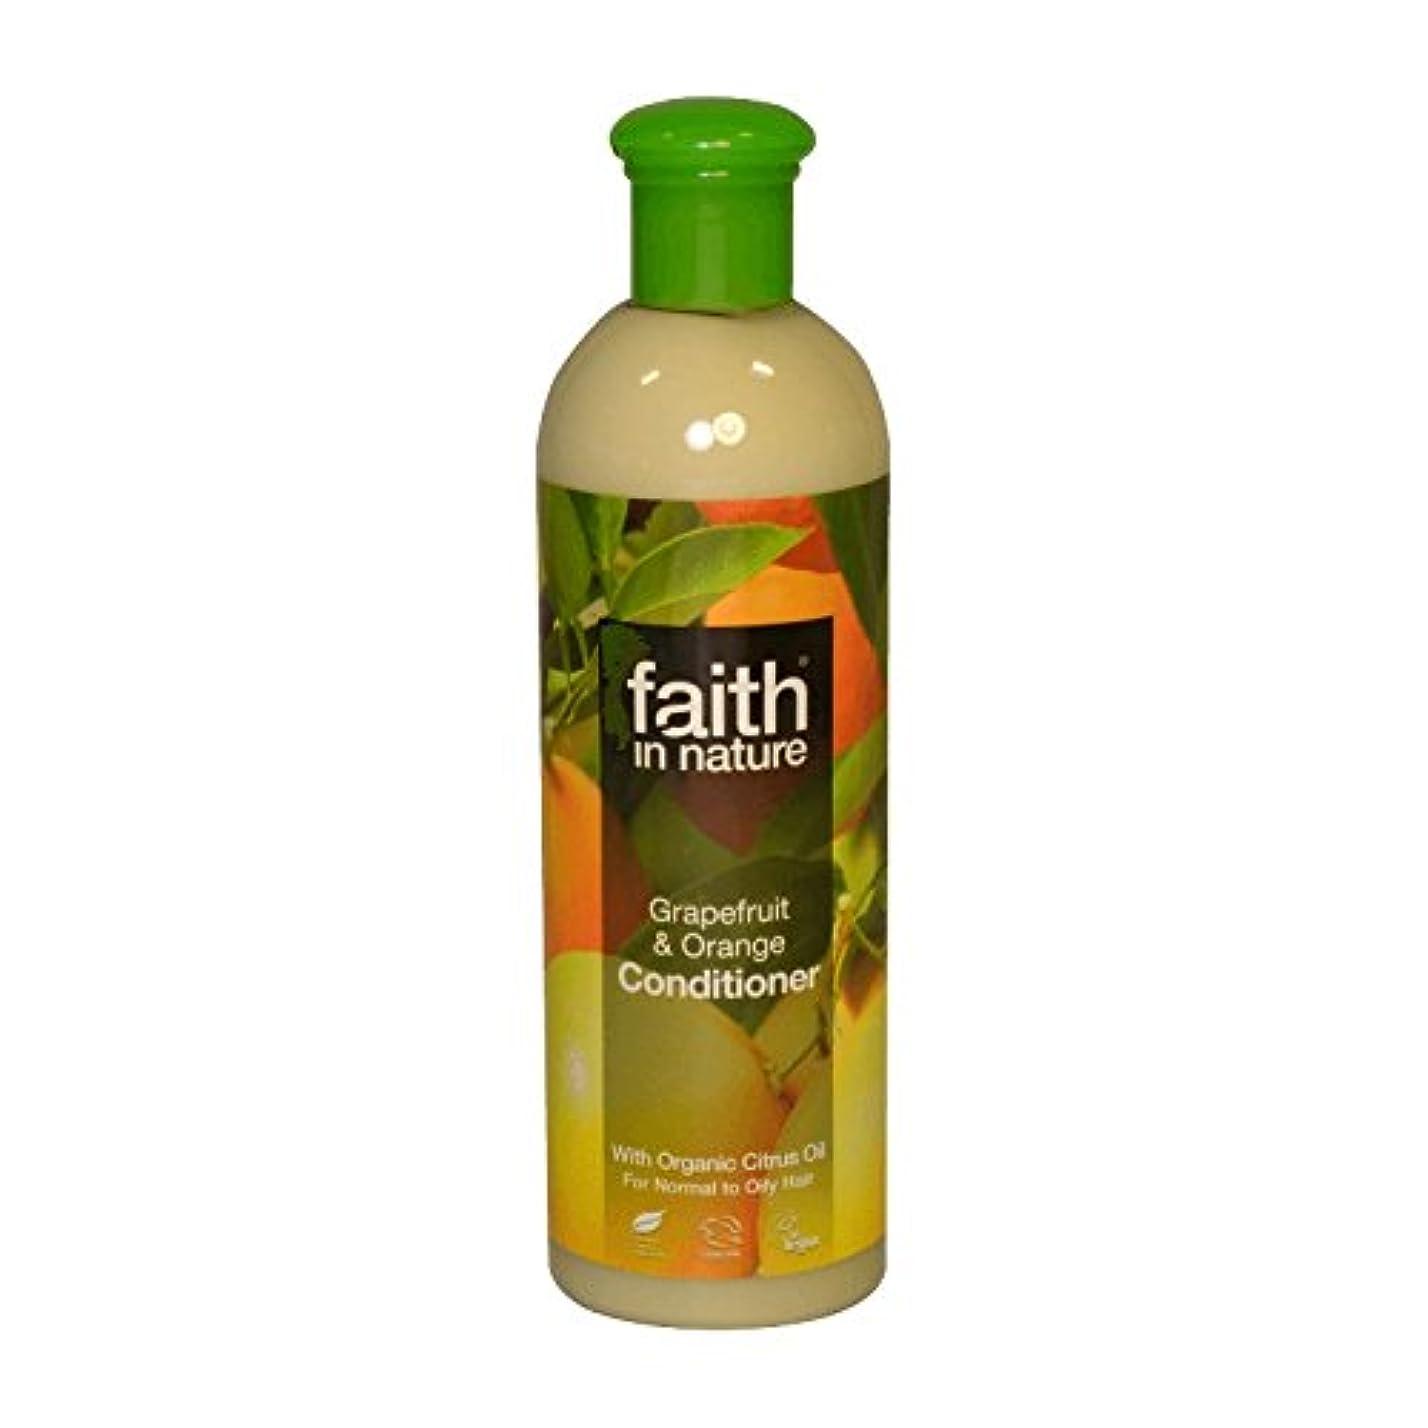 オークランド音楽を聴くセールスマンFaith in Nature Grapefruit & Orange Conditioner 400ml (Pack of 6) - 自然グレープフルーツ&オレンジコンディショナー400ミリリットルの信仰 (x6) [並行輸入品]